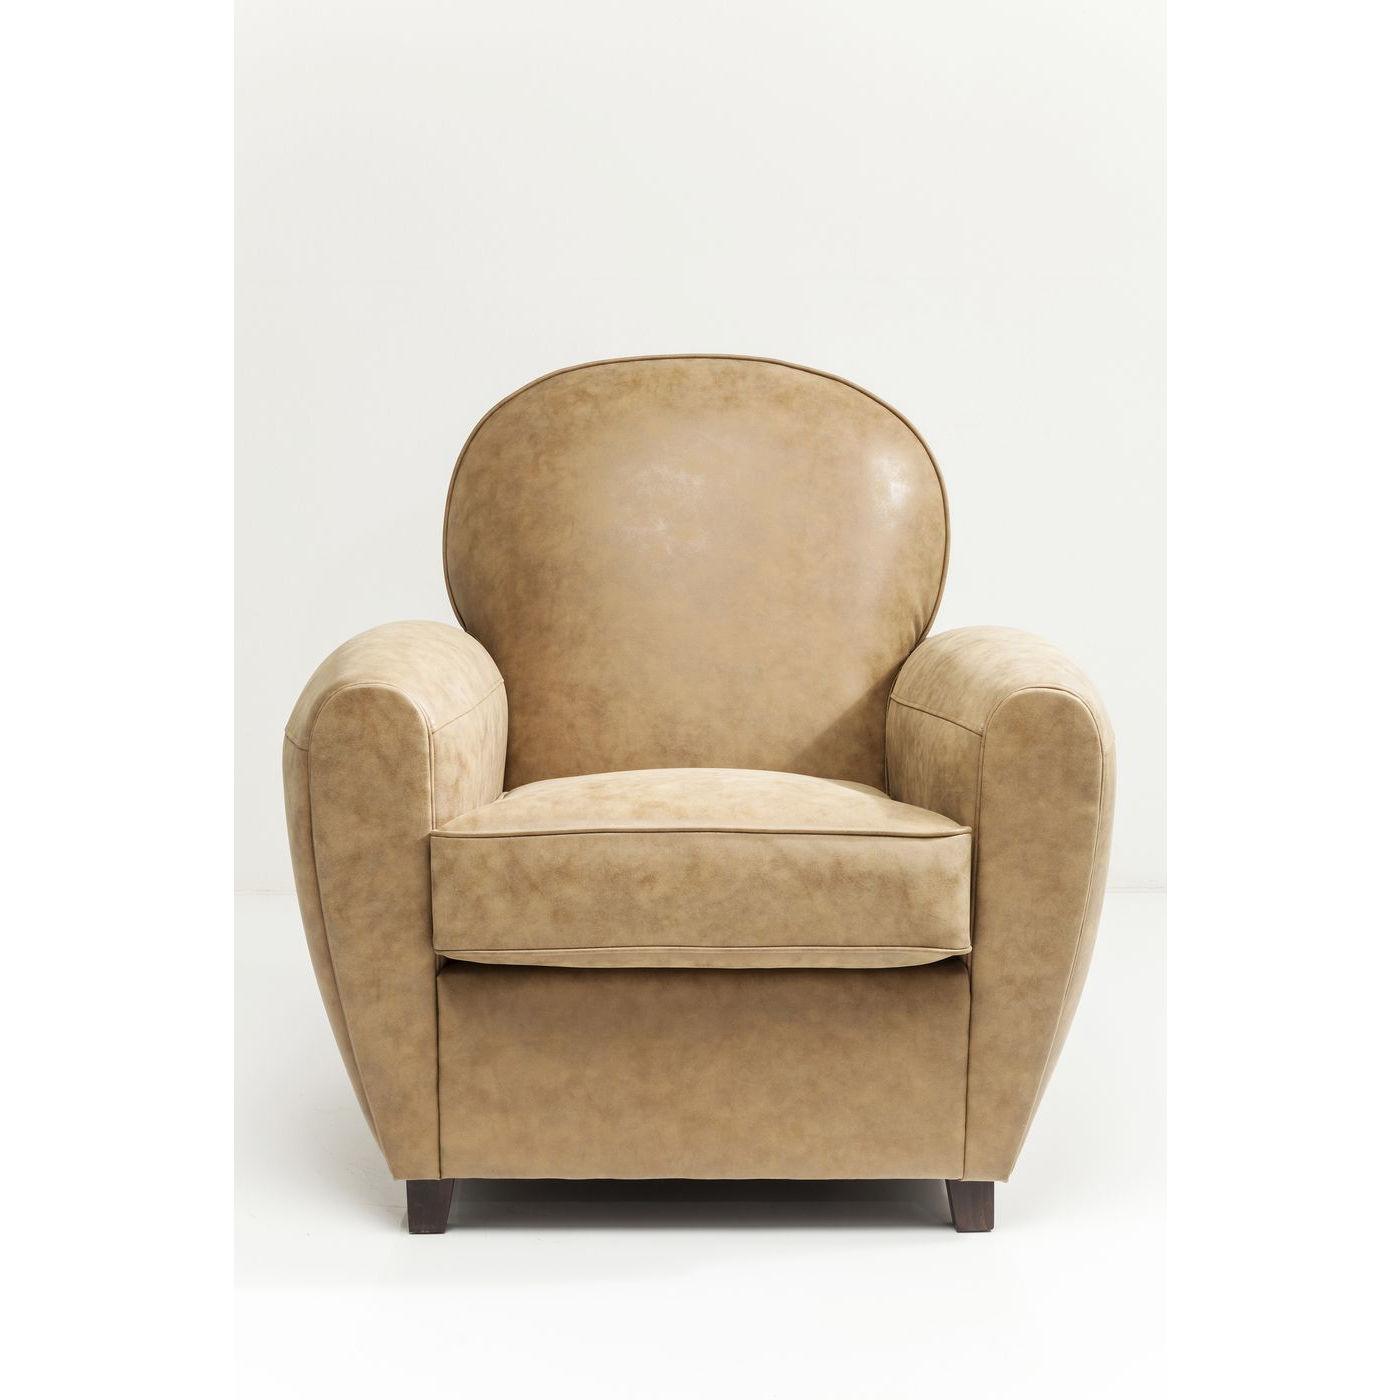 Billede af Kare Design Hvilestol m. Armlæn, Terra Round